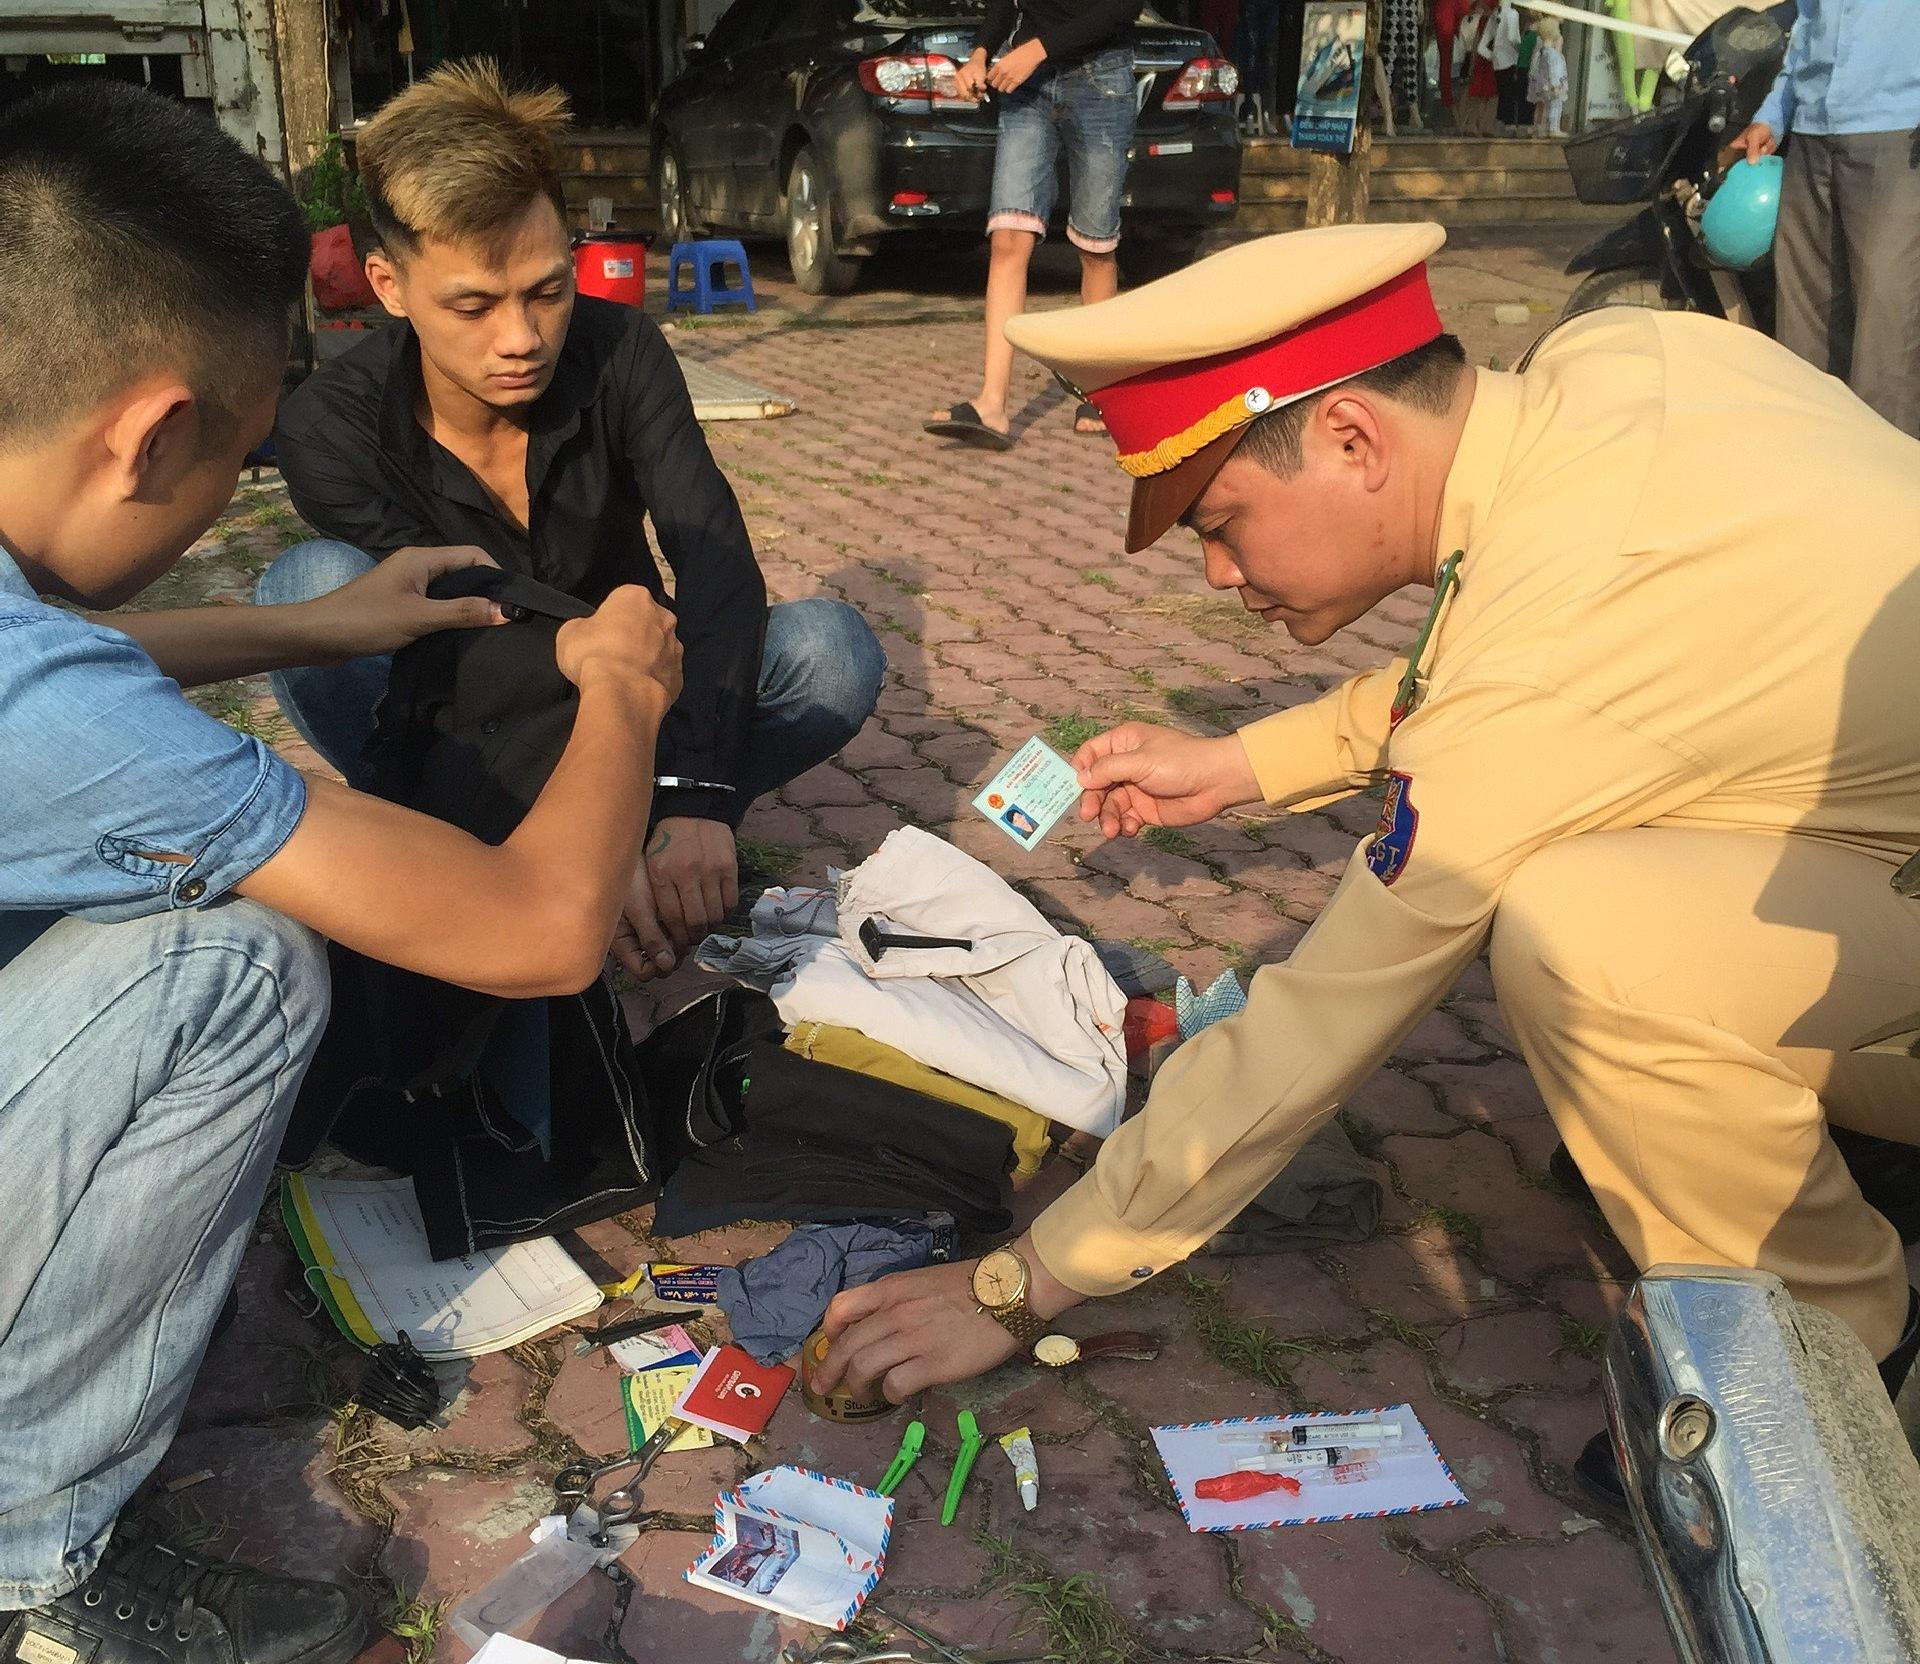 Thiếu tá Nguyễn Tuấn Cường (phải) kiểm tra hành chính hai nam thanh niên khả nghi, phát hiện nhiều ống tiêm và chất nghi la ma tuý. Ảnh: NVCC